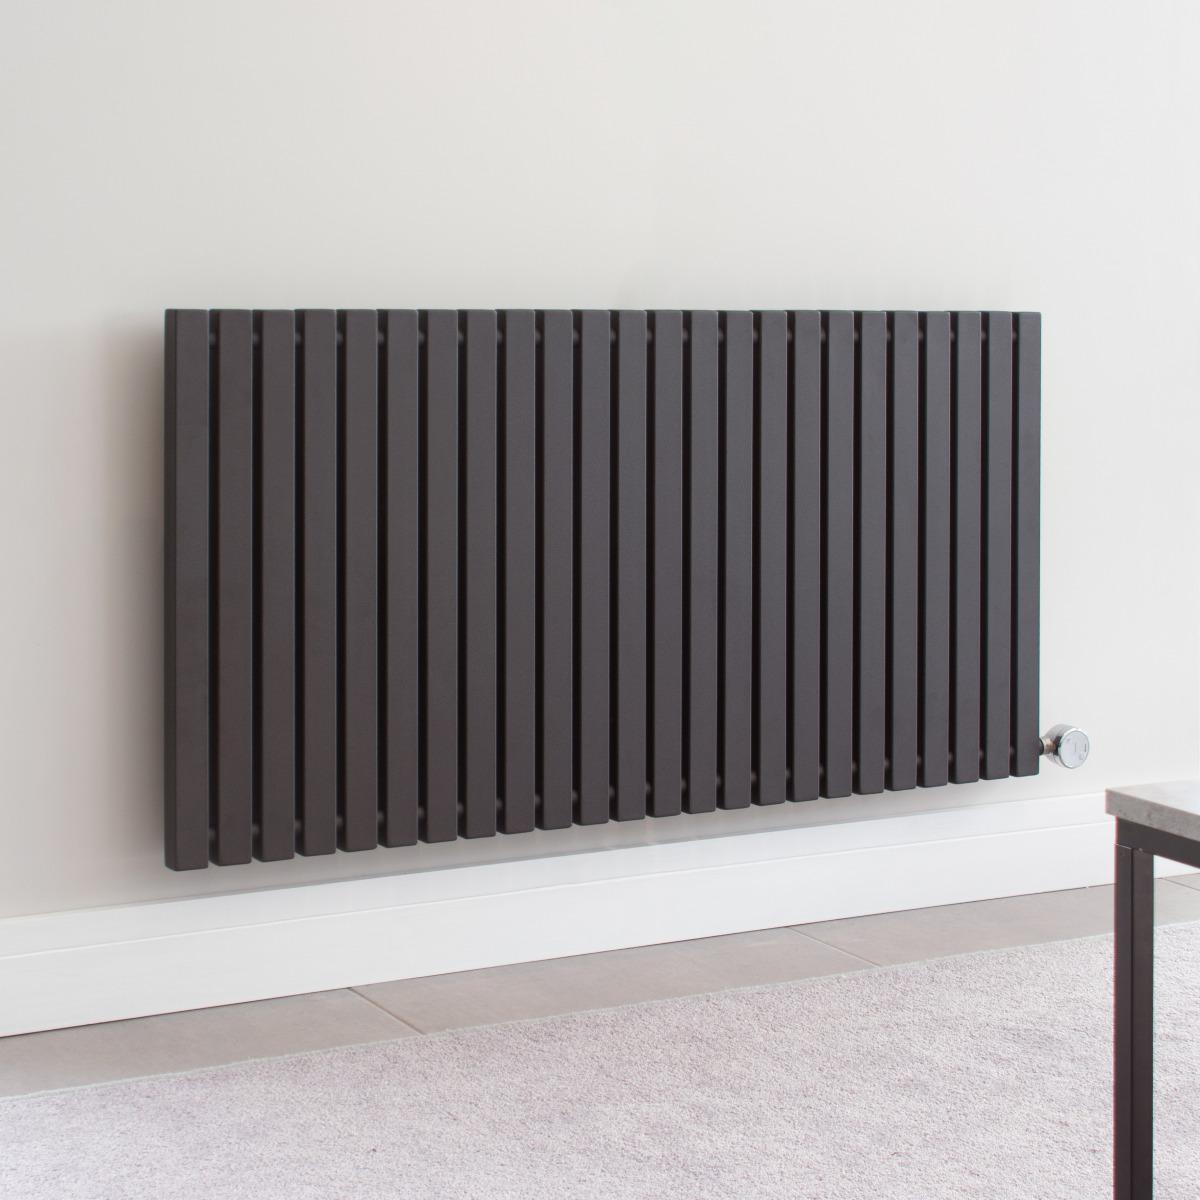 Ecostrad Adesso electric radiator